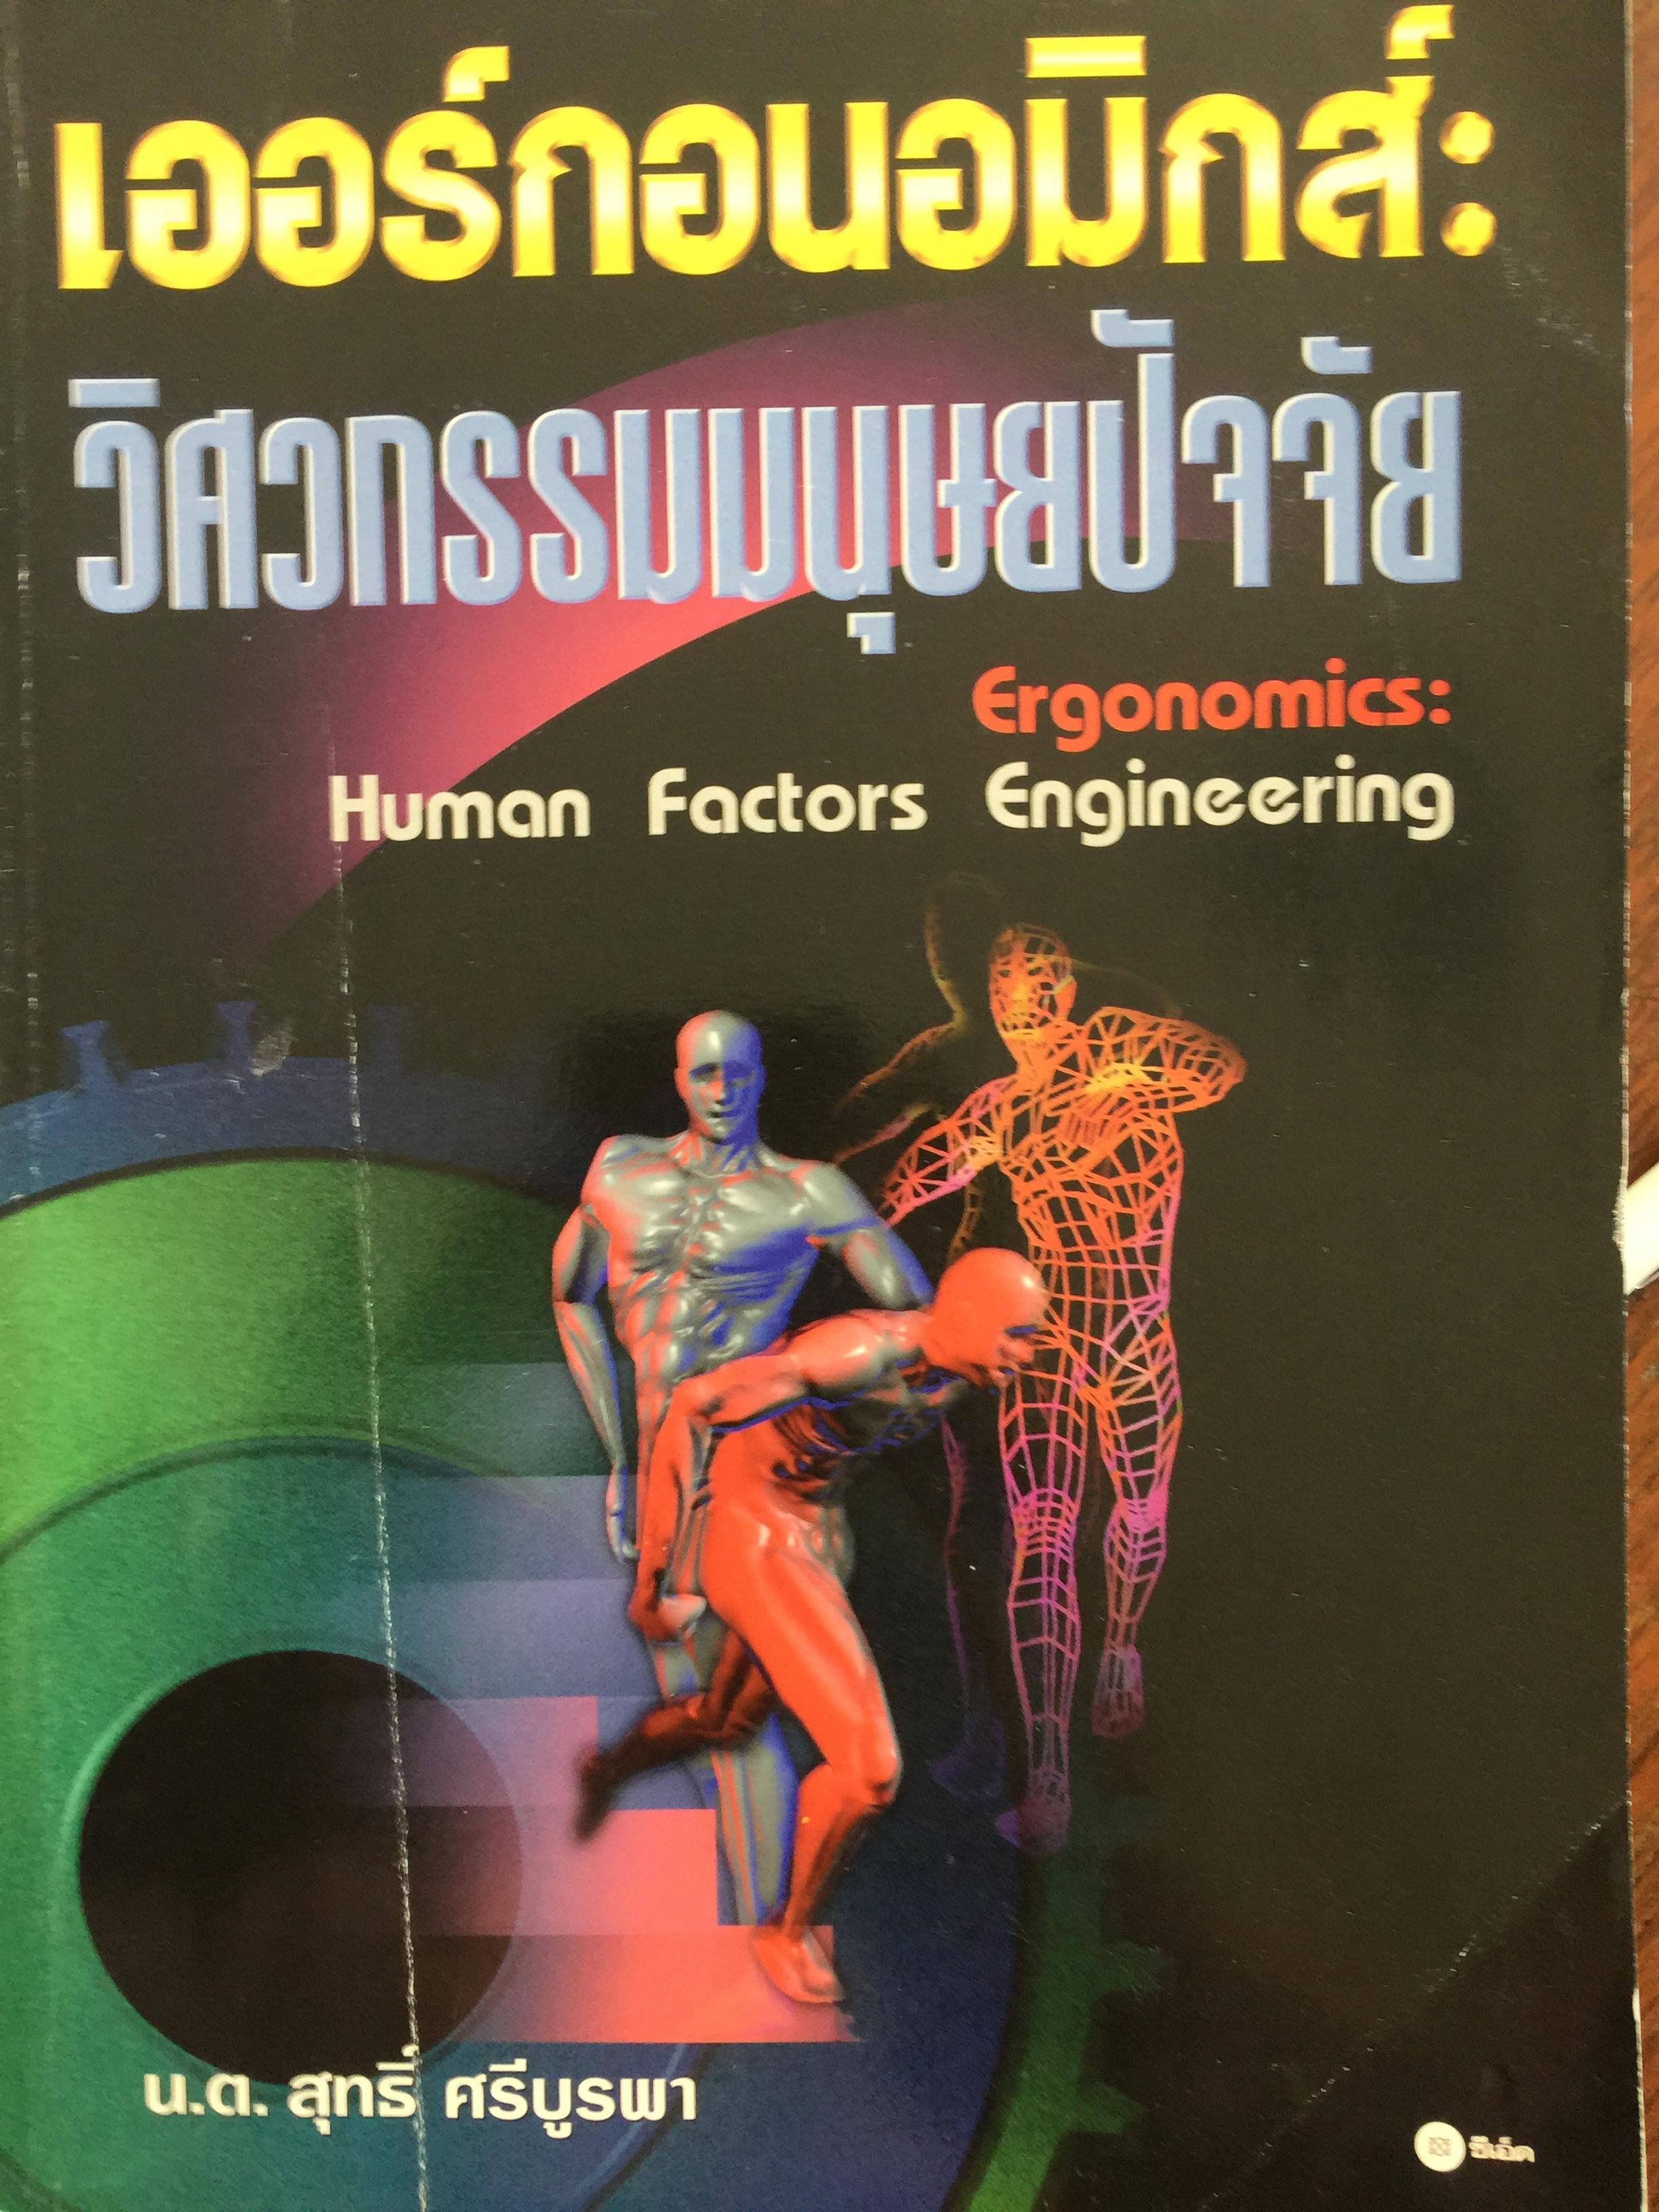 เออร์กอนอมิกส์ : วิศวกรรมมนุษย์ปัจจัย. ergonomics Human Factors Engineering. โดย น.ต. สุทธิ์ ศรีบูรพา. หนังสือหนา 508 หน้า